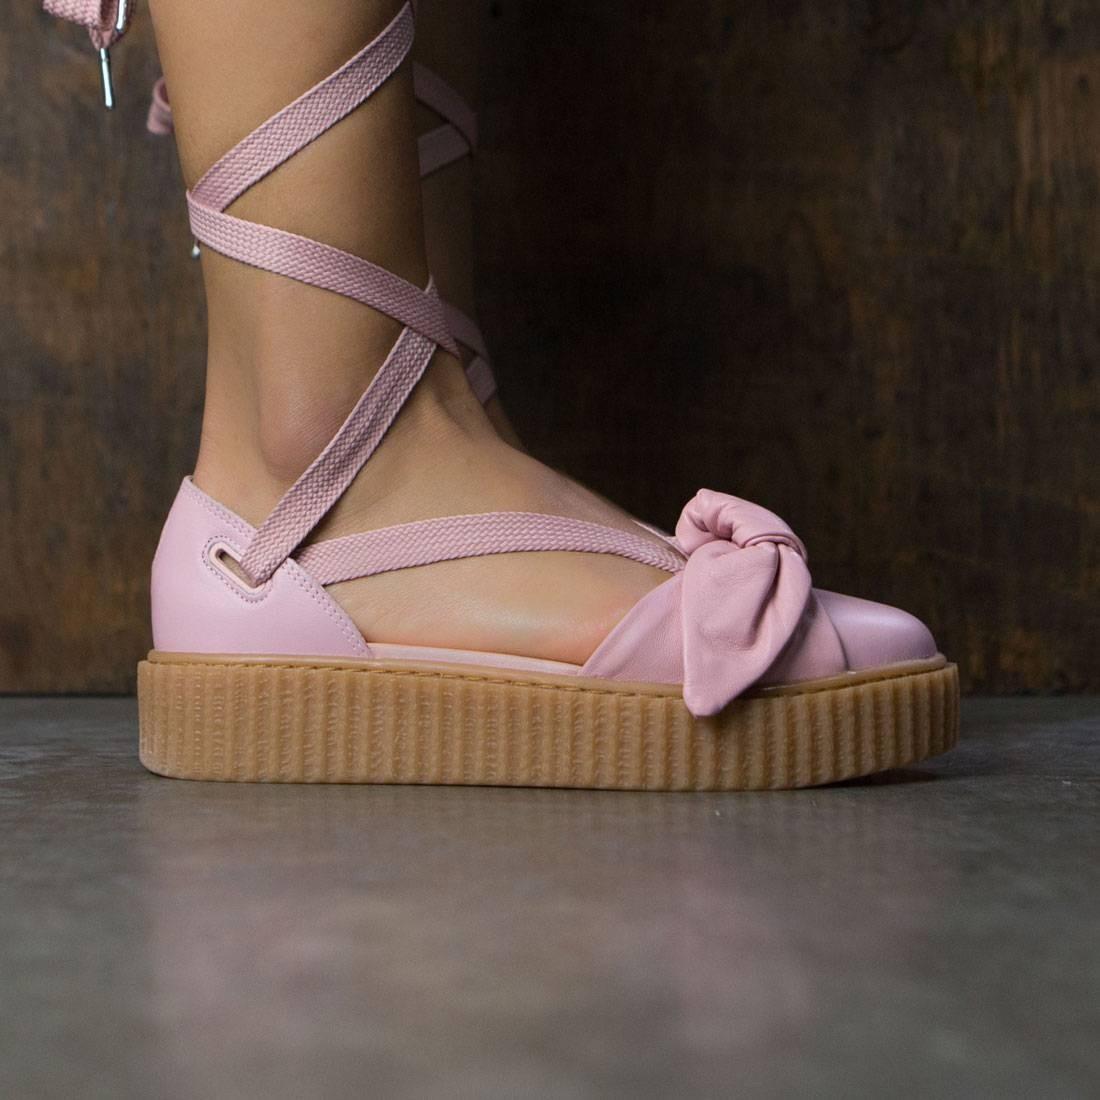 buy online 911cf 2eda8 Puma x Fenty By Rihanna Women Bow Creeper Sandal (silver / pink / oatmeal)